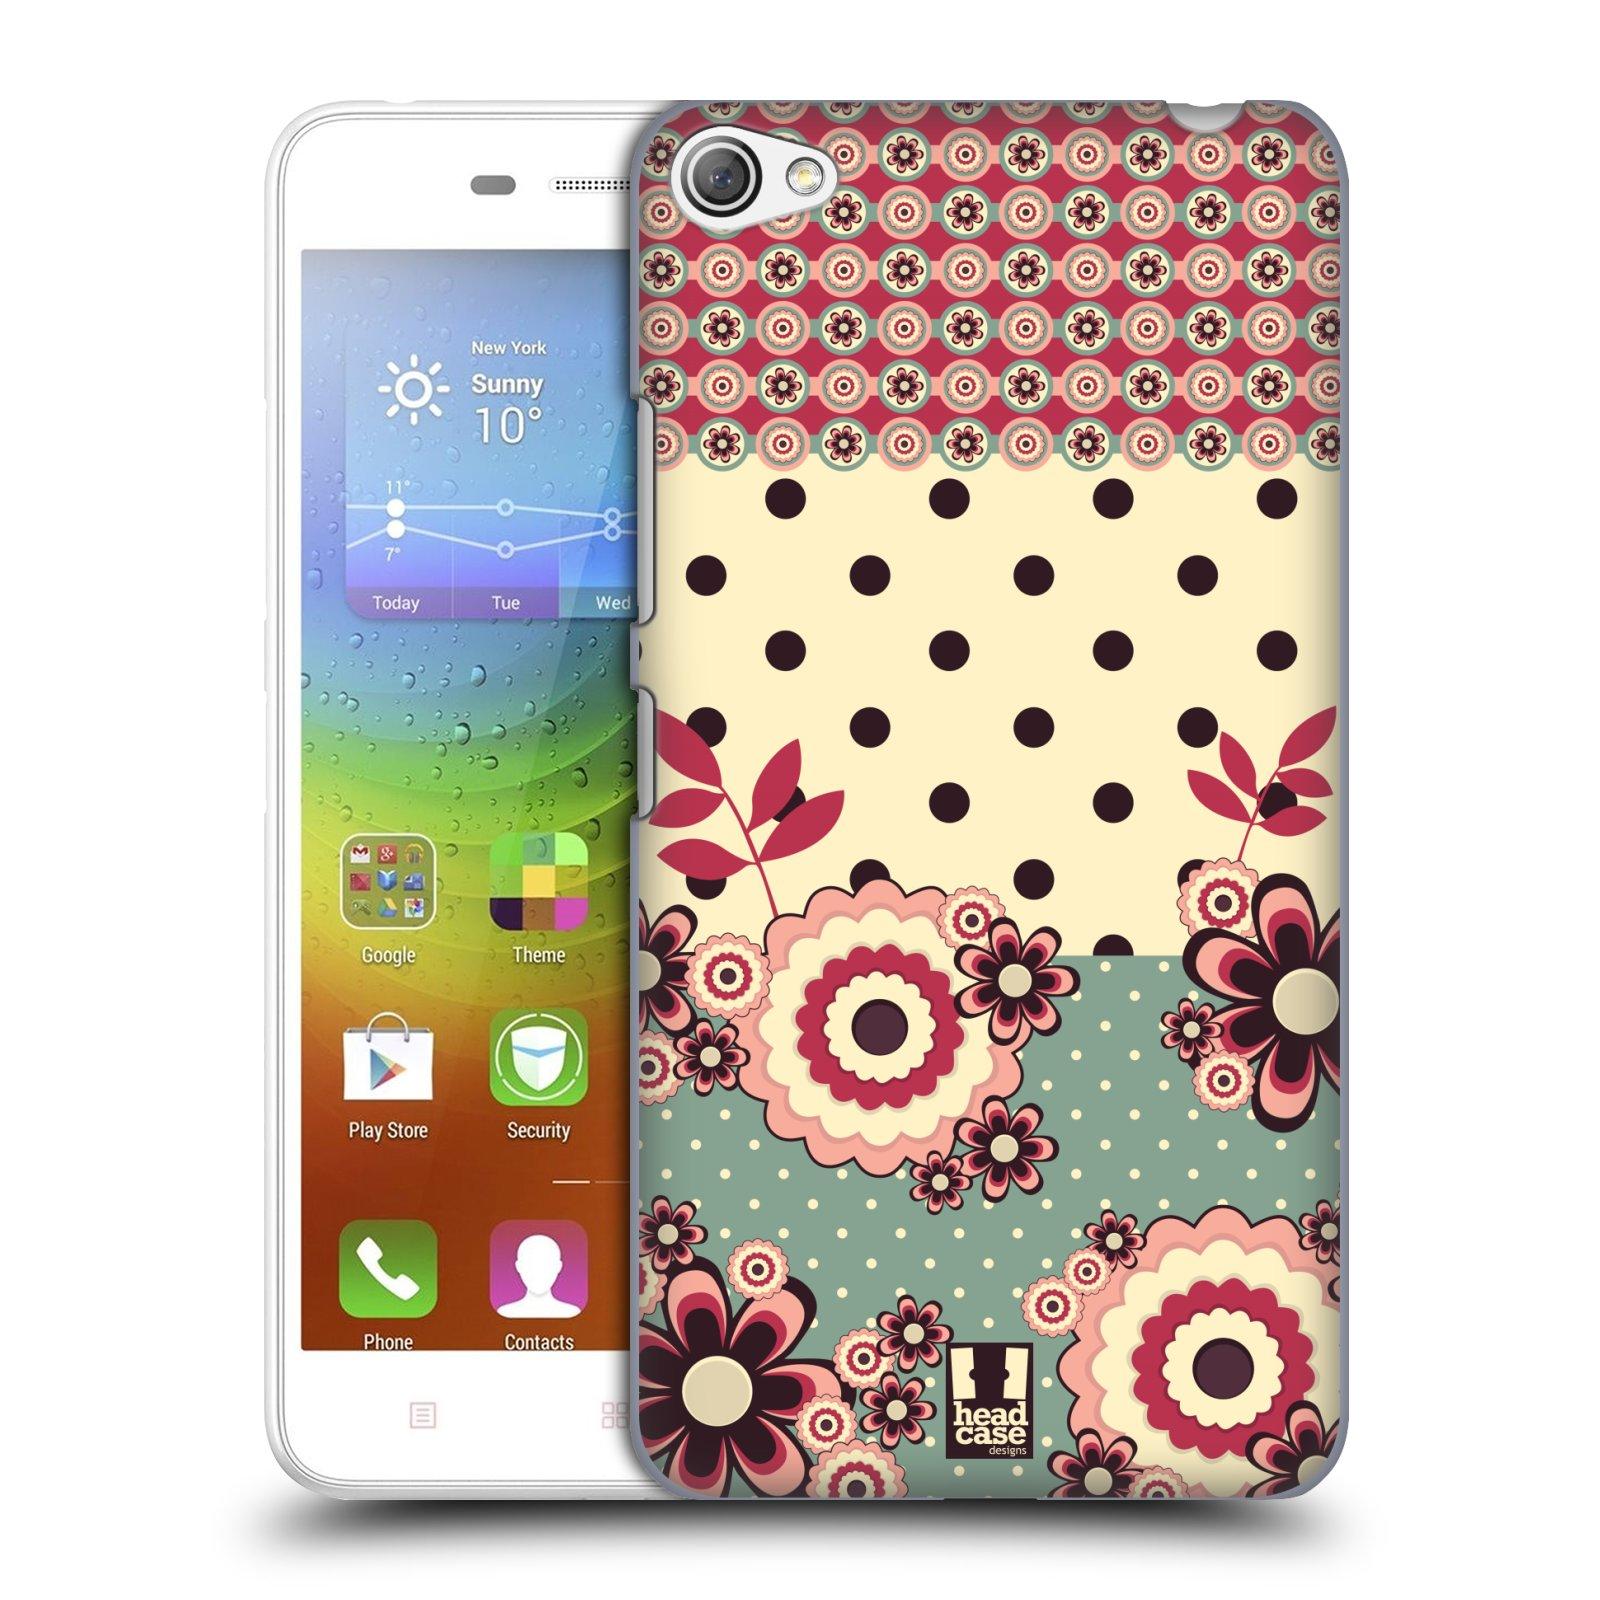 Plastové pouzdro na mobil Lenovo S60 HEAD CASE KVÍTKA PINK CREAM (Kryt či obal na mobilní telefon Lenovo S60)